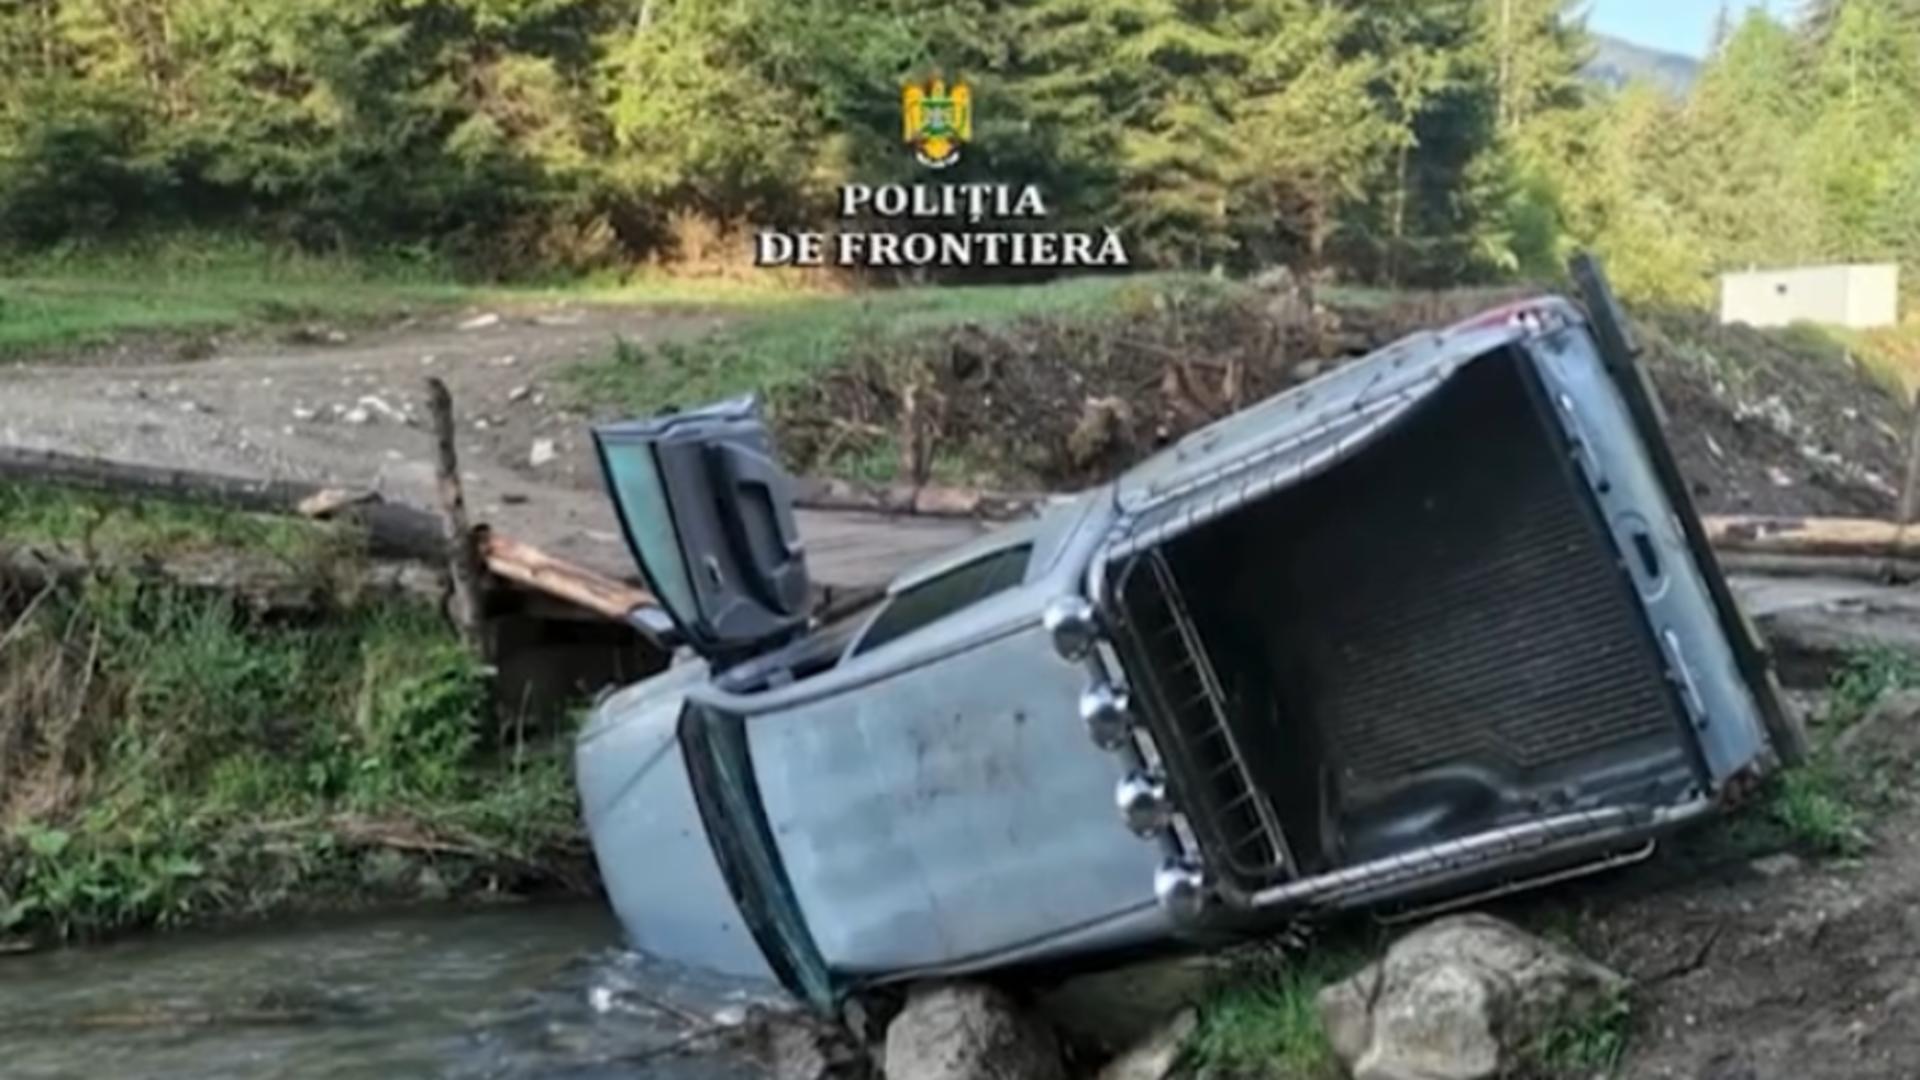 Mașină răsturnată / Captură foto